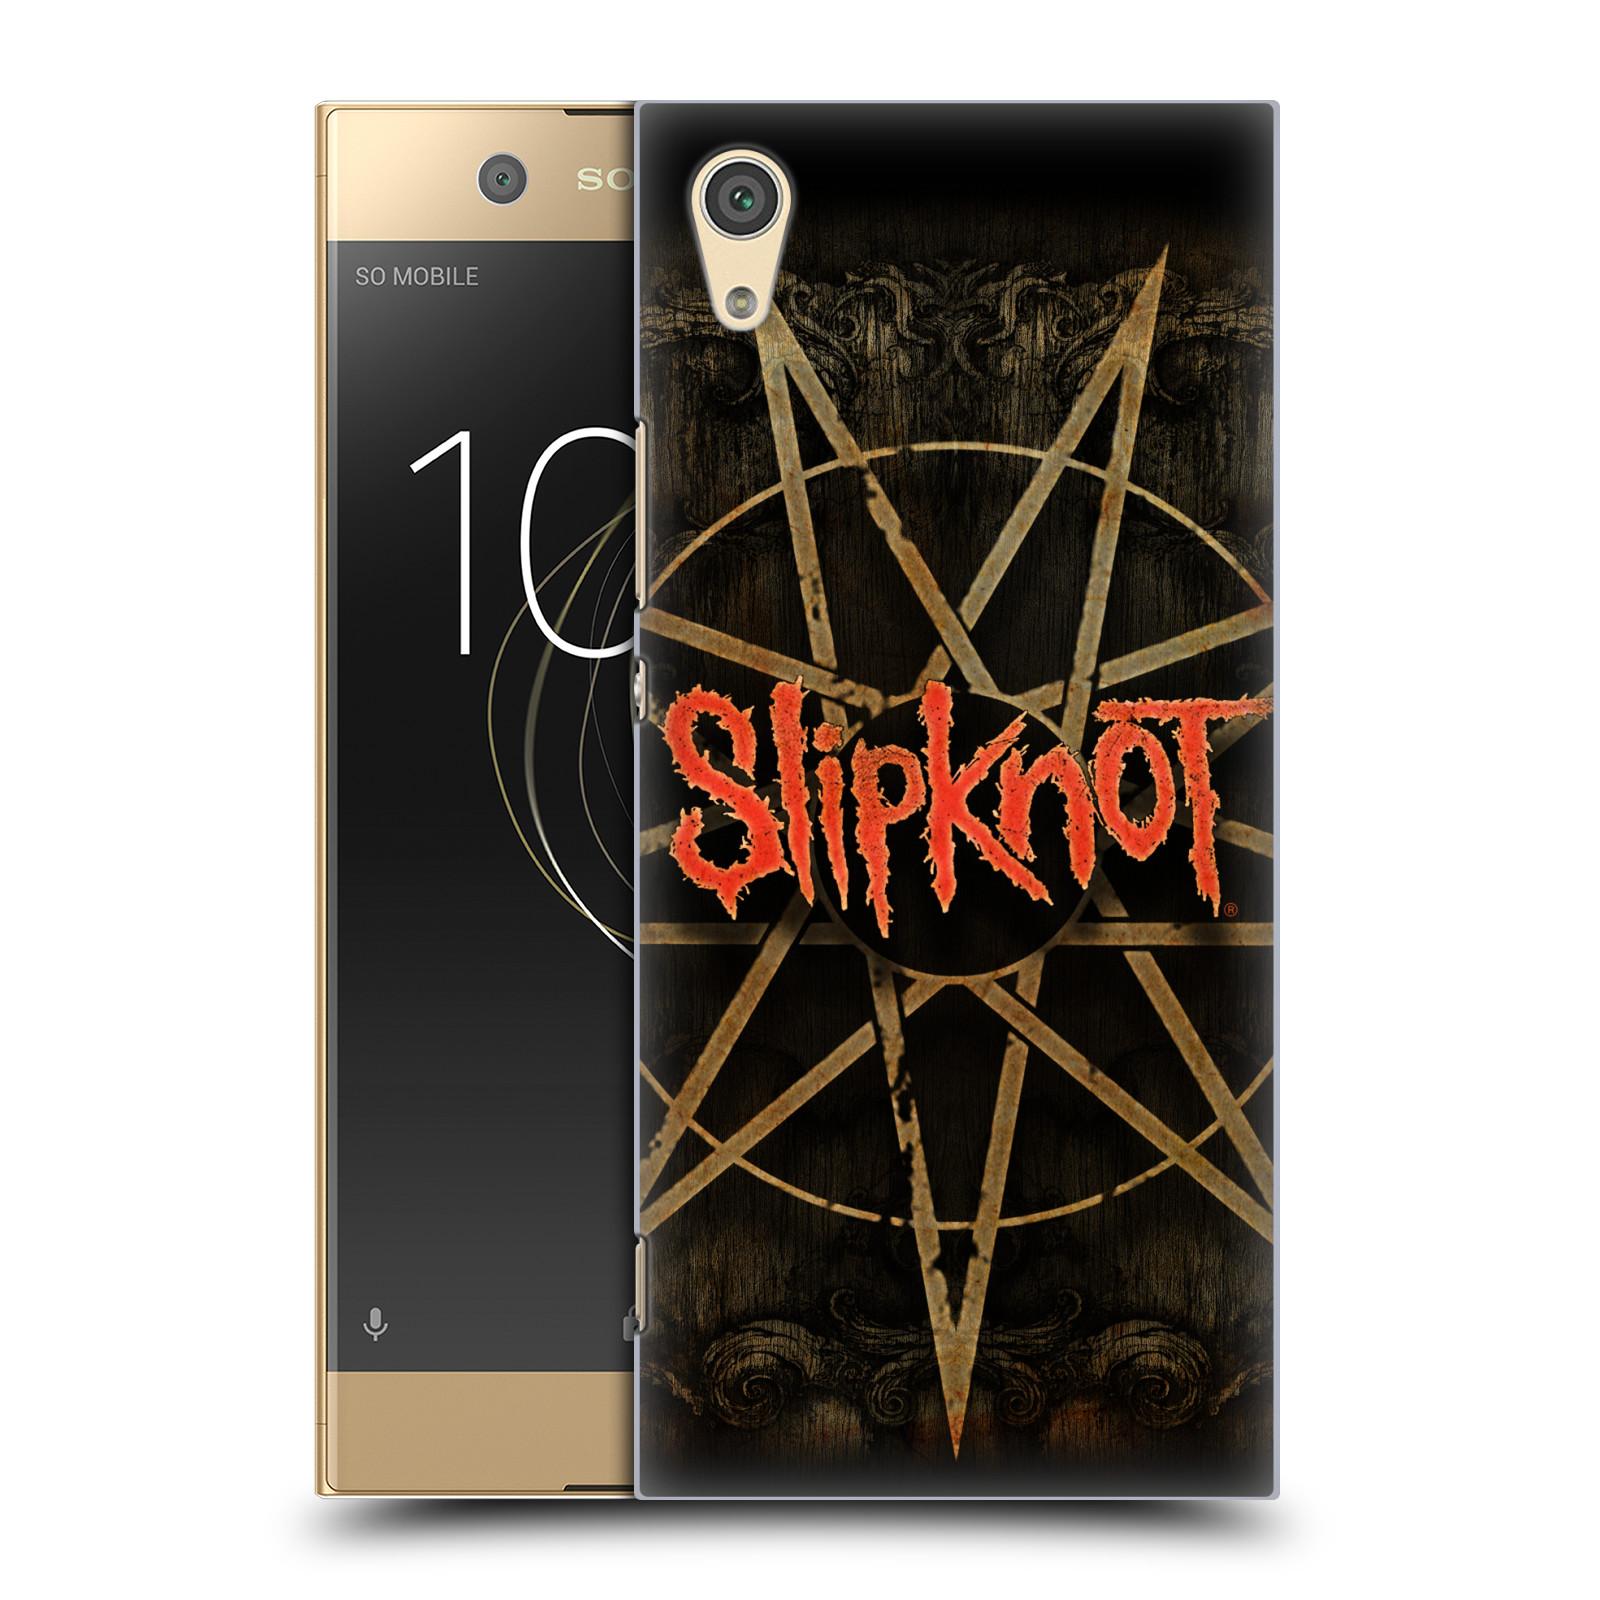 Plastové pouzdro na mobil Sony Xperia XA1 - Head Case - Slipknot - Znak